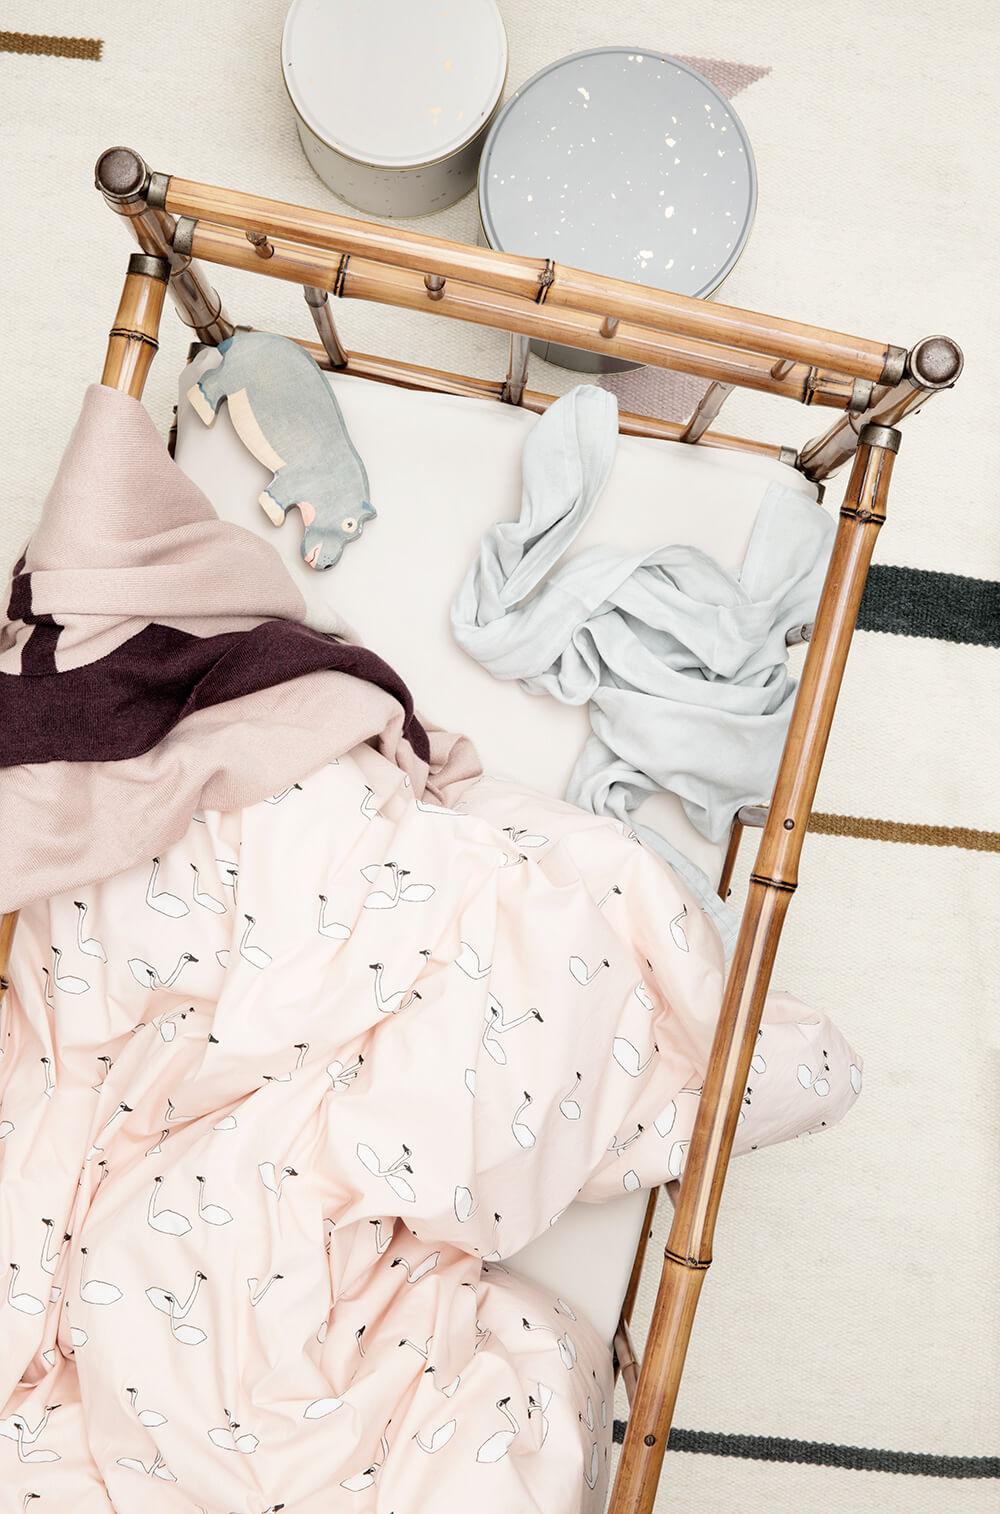 lit en rotin enfant bébé vintage